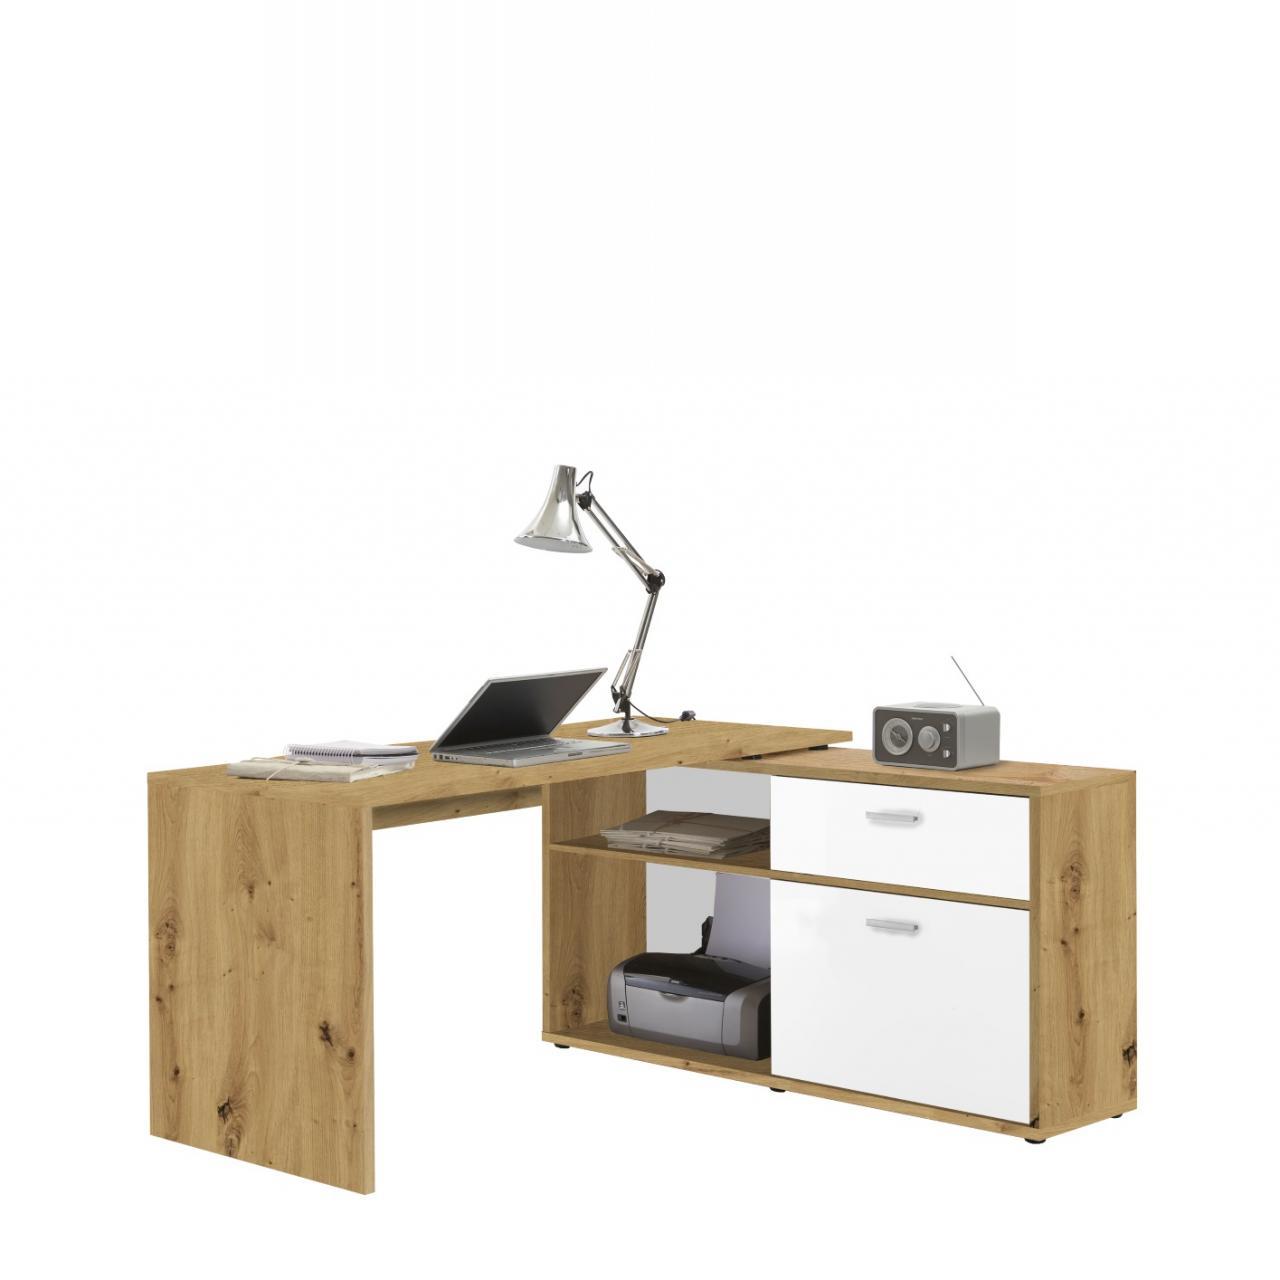 Winkelschreibtisch Diego Artisan Eiche Nb. Brillant Weiß MDF Büro Schreibtisch